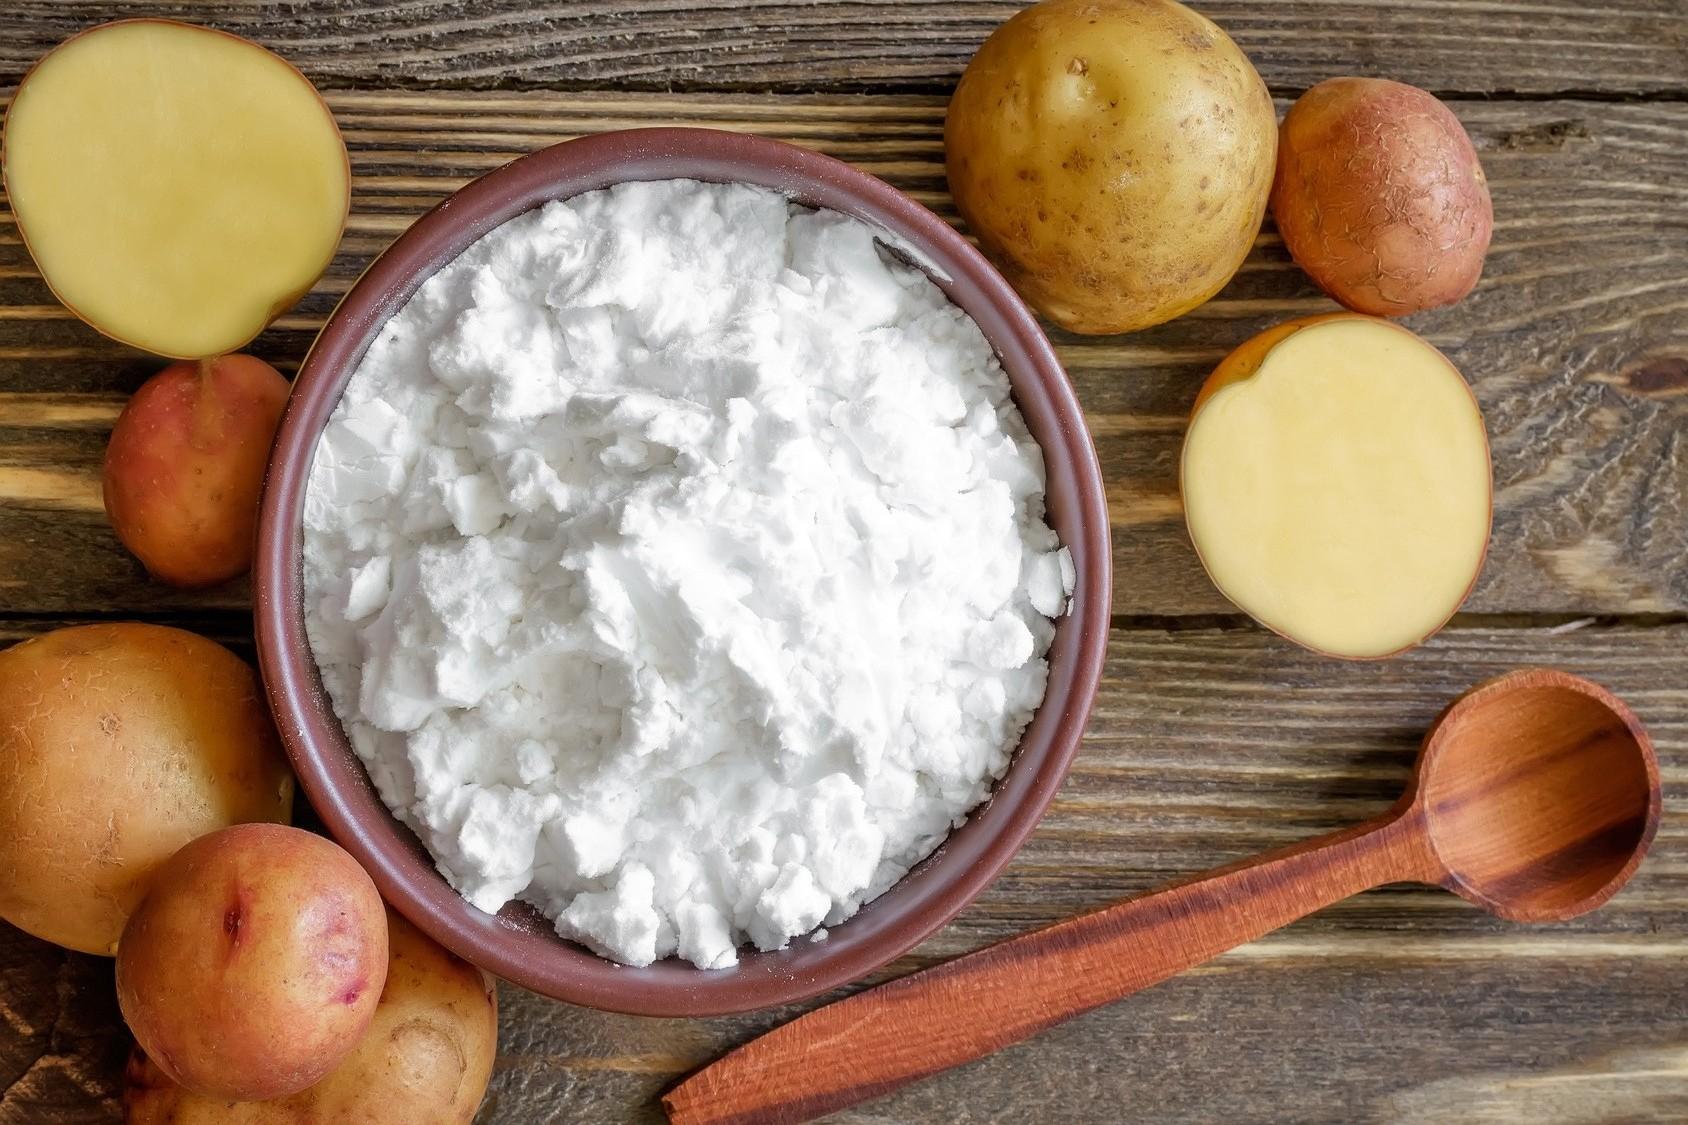 Potato-starch-as-cornstarch-substitute